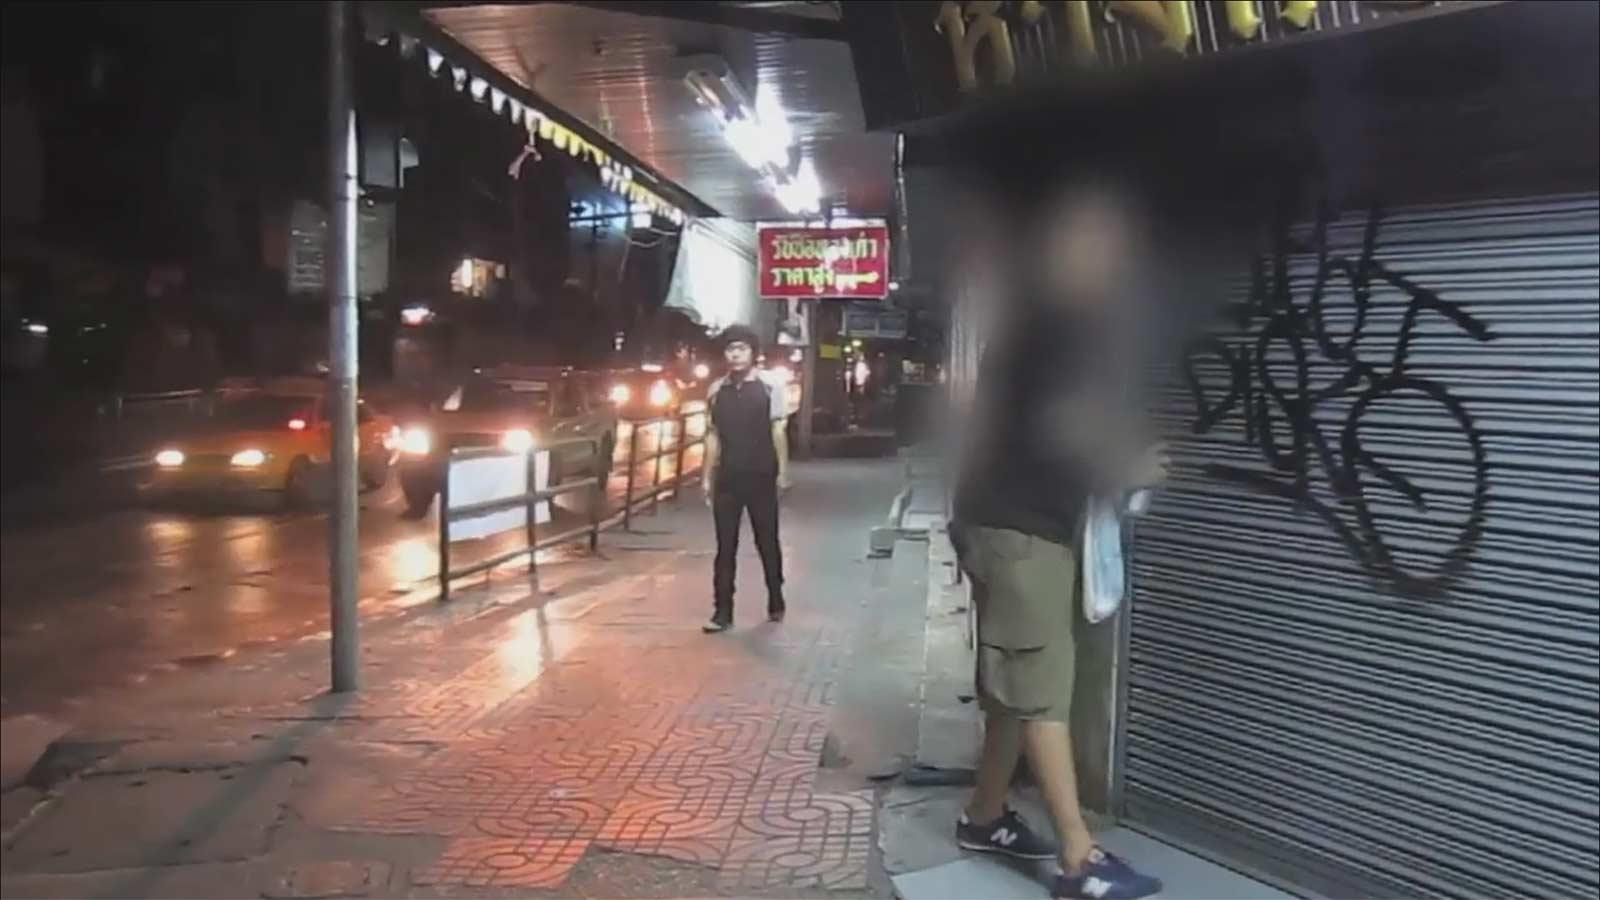 Bangkok Soi Dogs 1 & 2